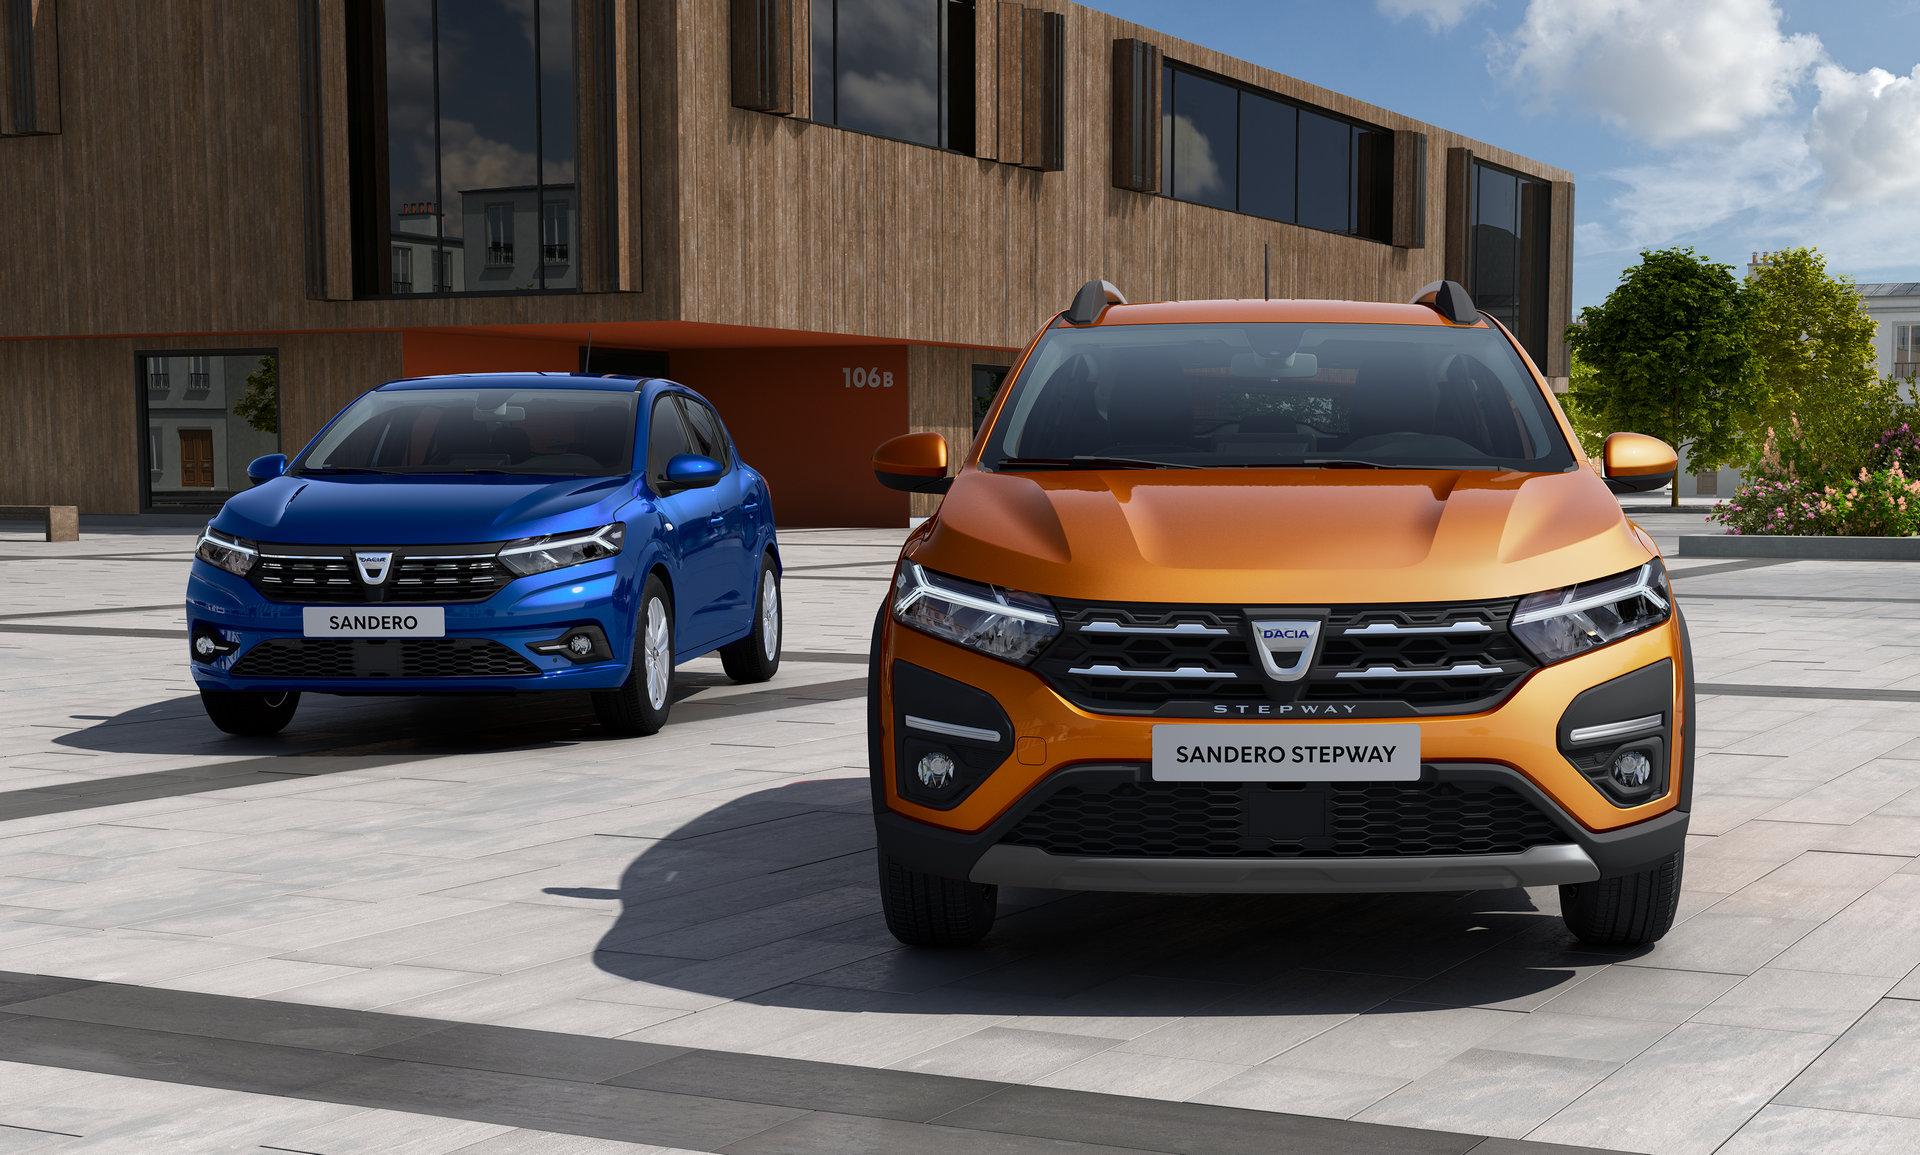 Dacia Sandero - Sandero Stepway - Logan